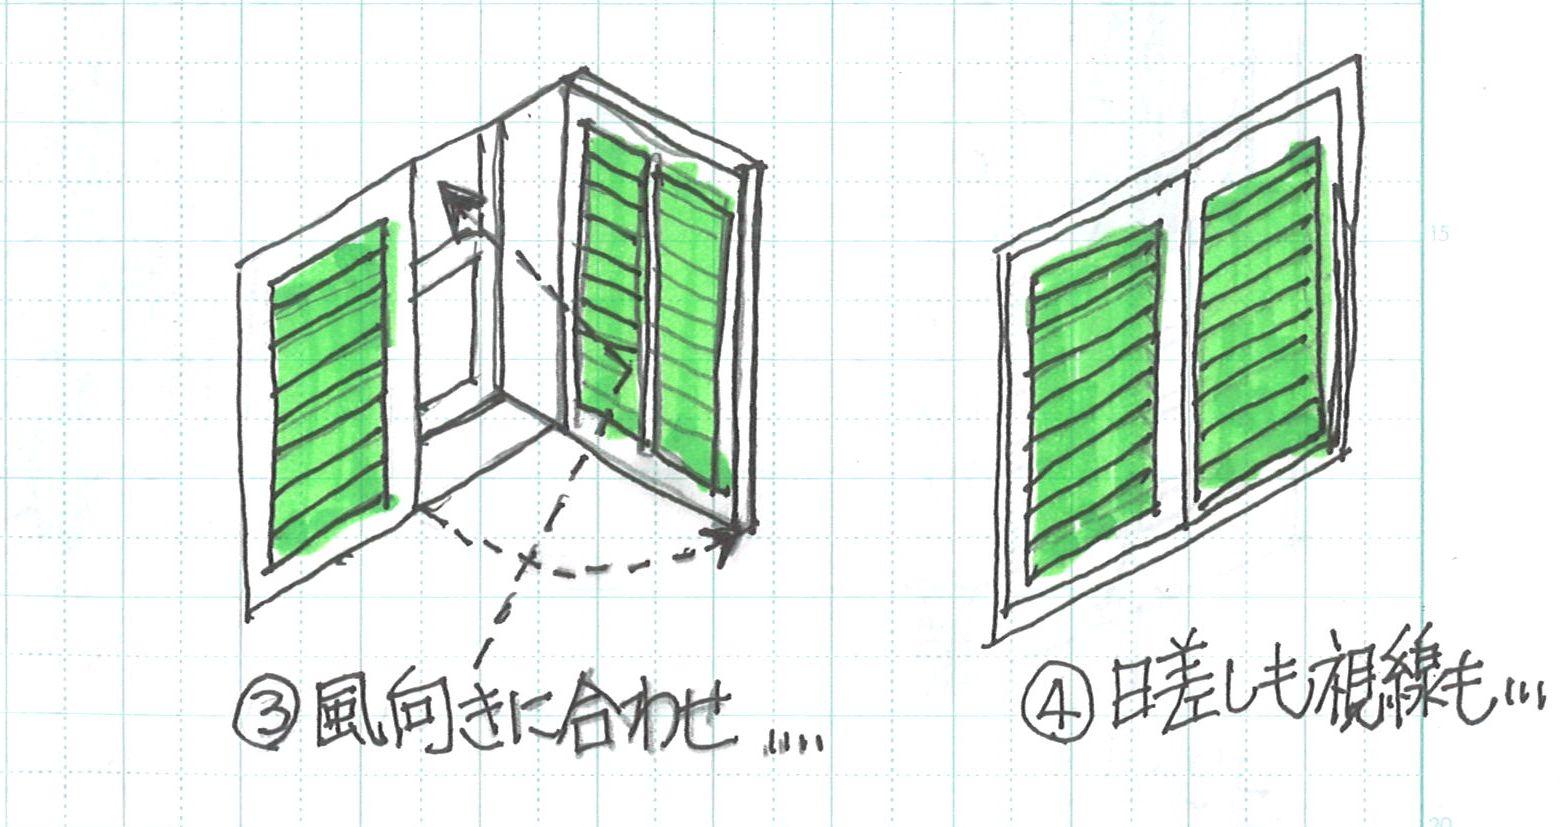 ガラリ窓の機能